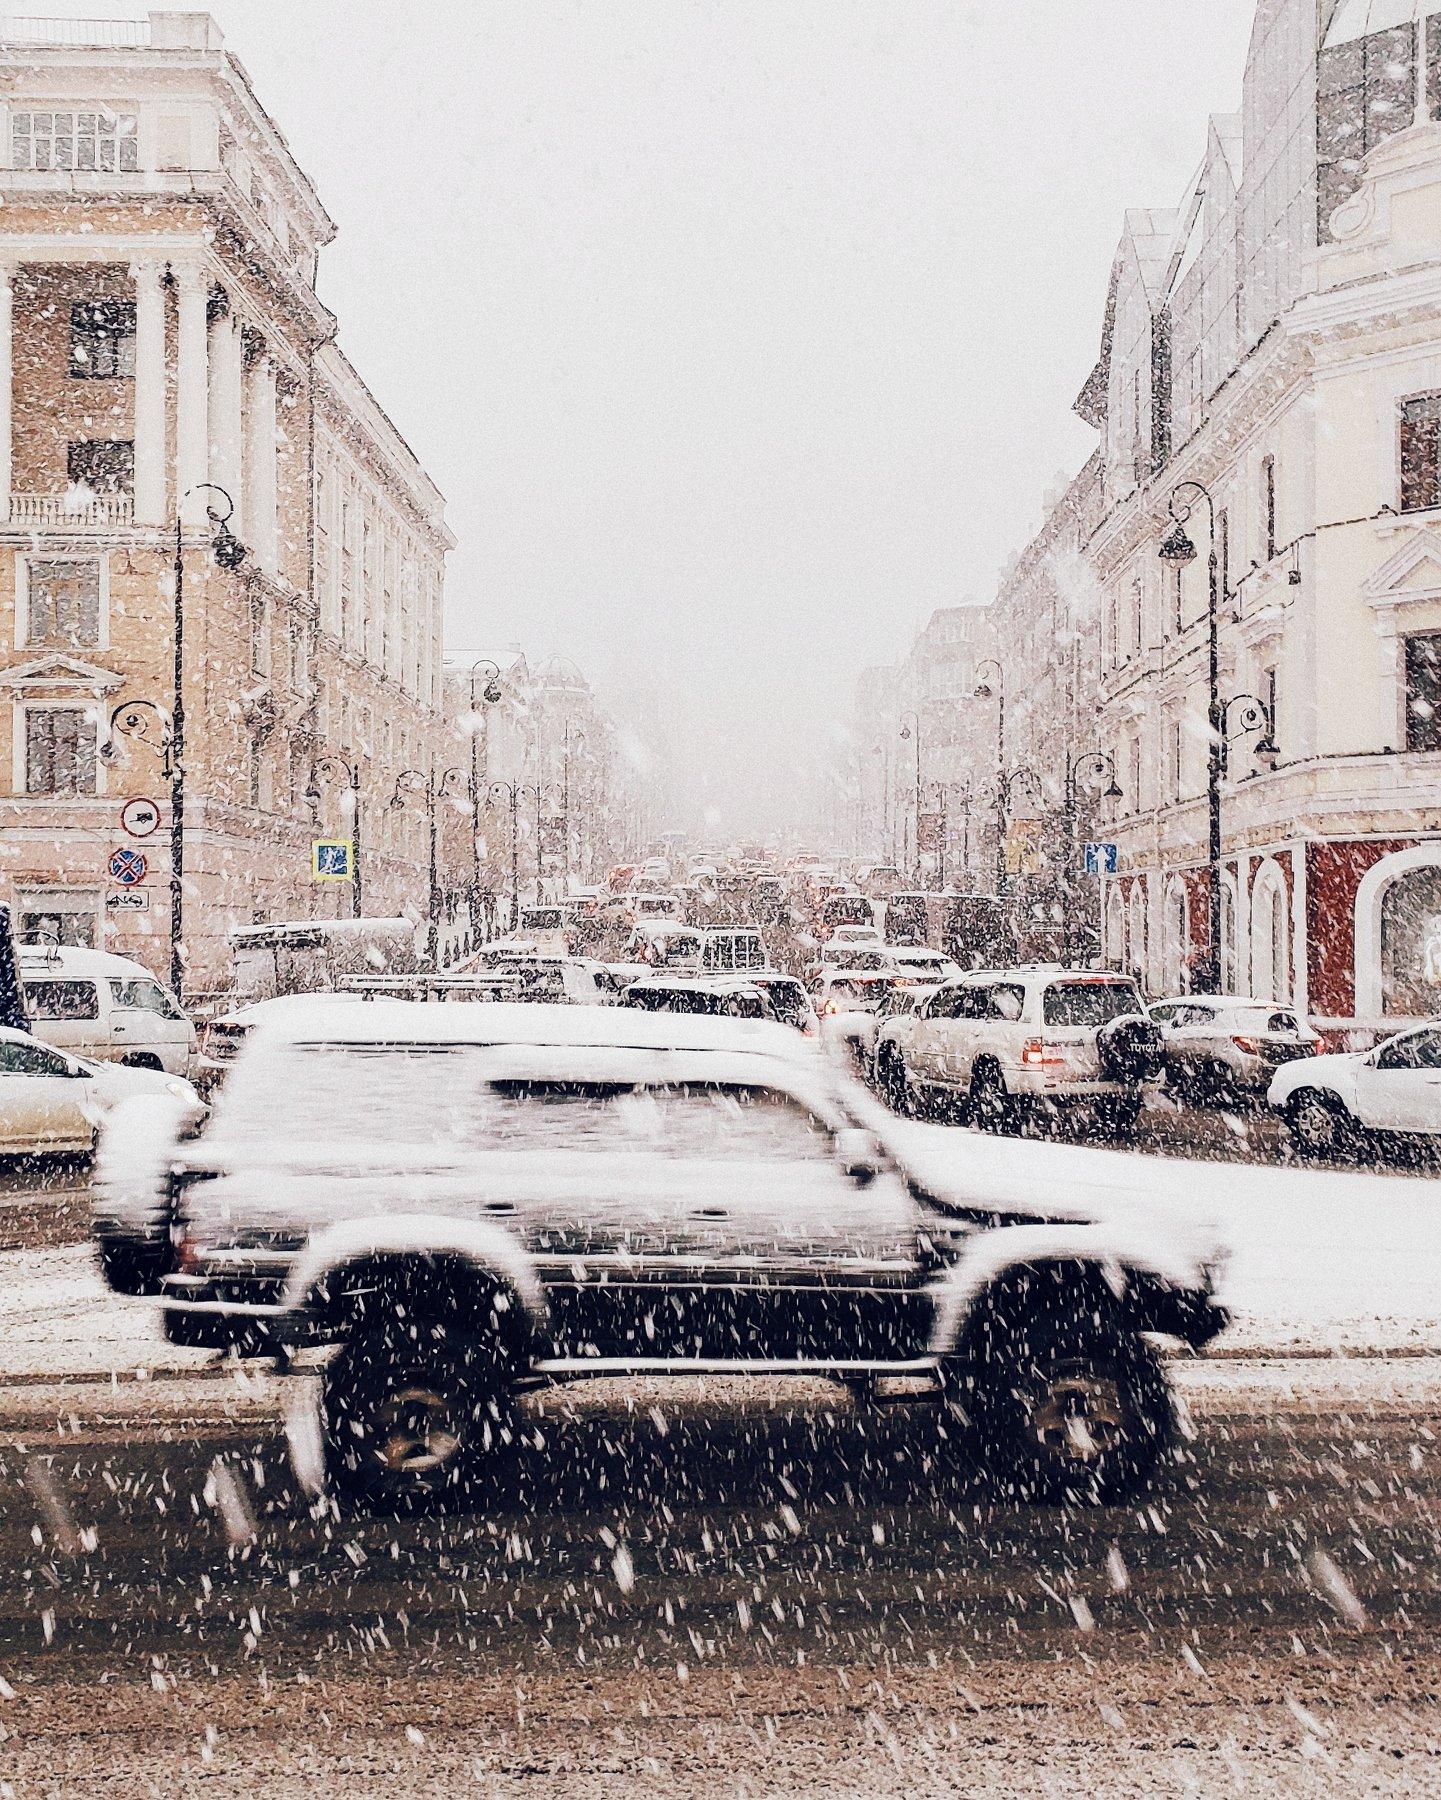 владивосток, приморье, машина, автомобиль, снегопад, снег, город, движение, перекресток, погода, веснв, Антон Блохин